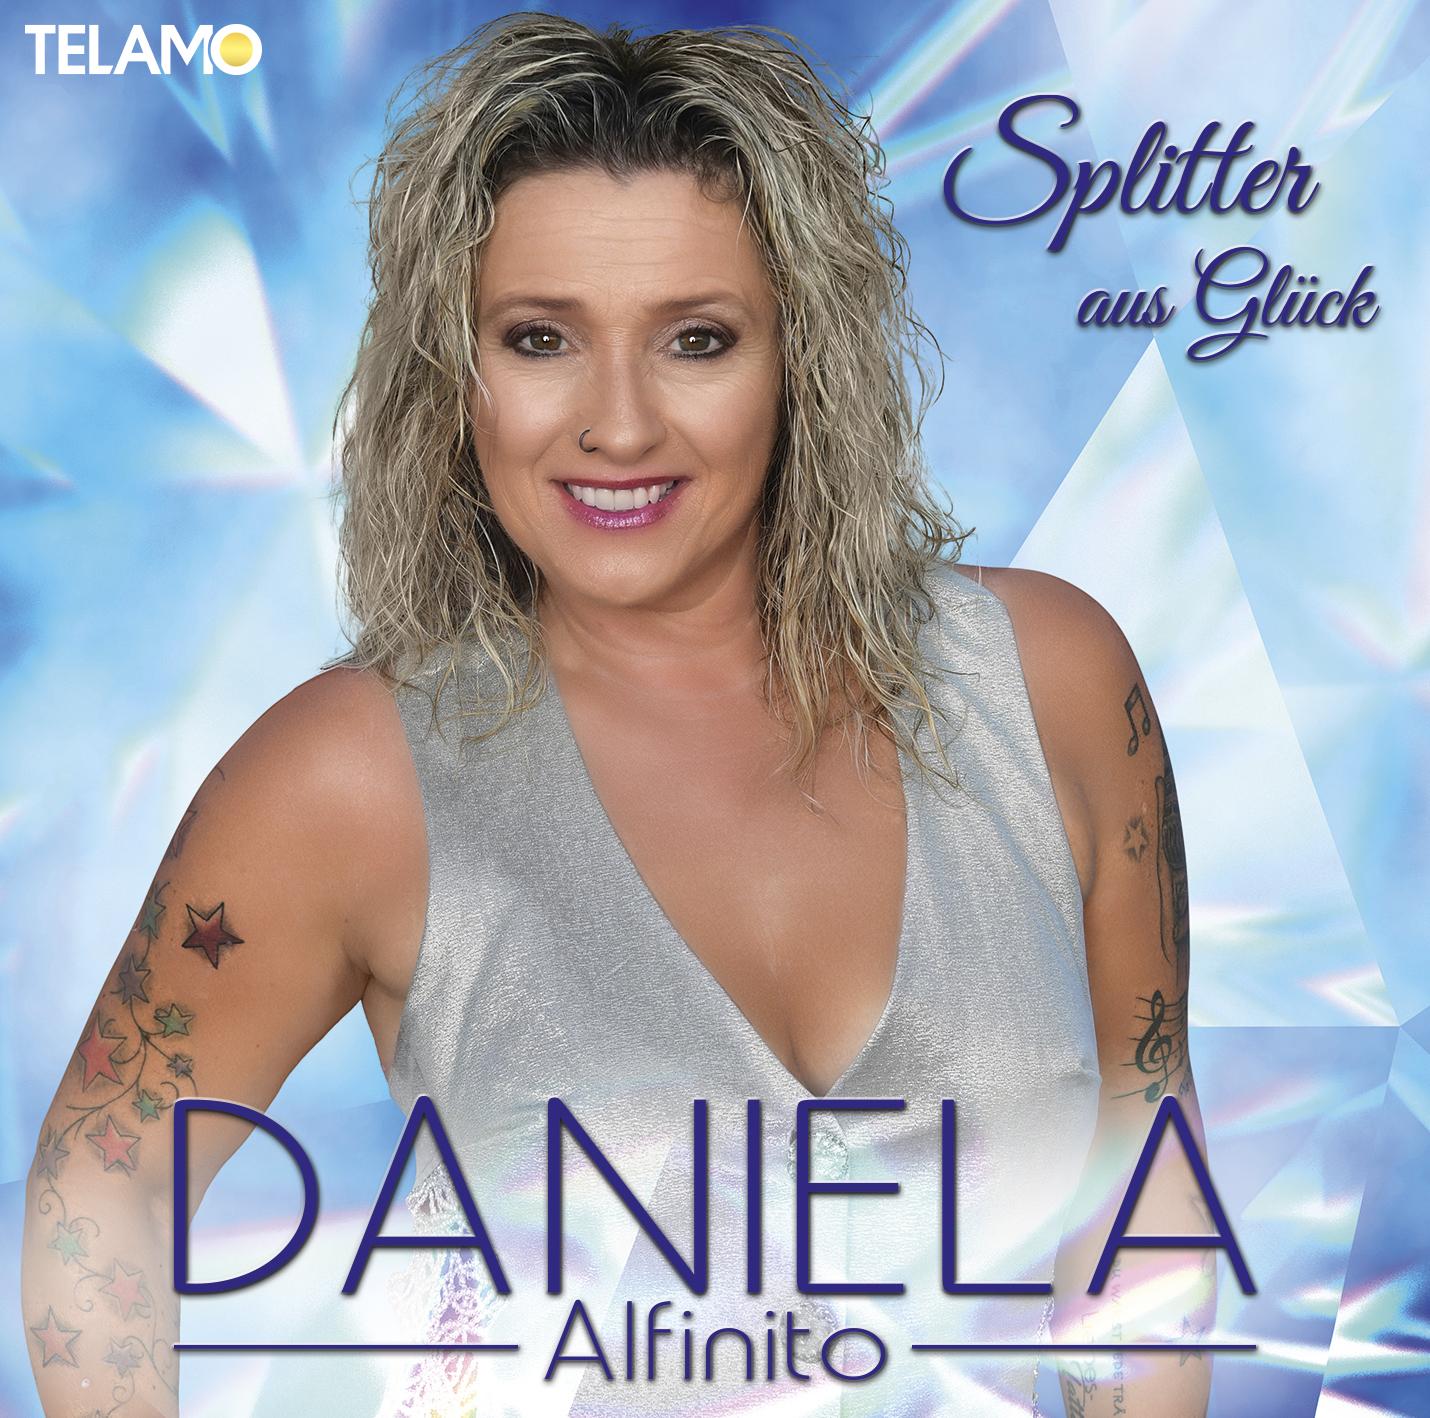 DANIELA ALFINITO * Splitter aus Glück (CD) * Auch als Ltd. Fanbox Edition erhältlich!